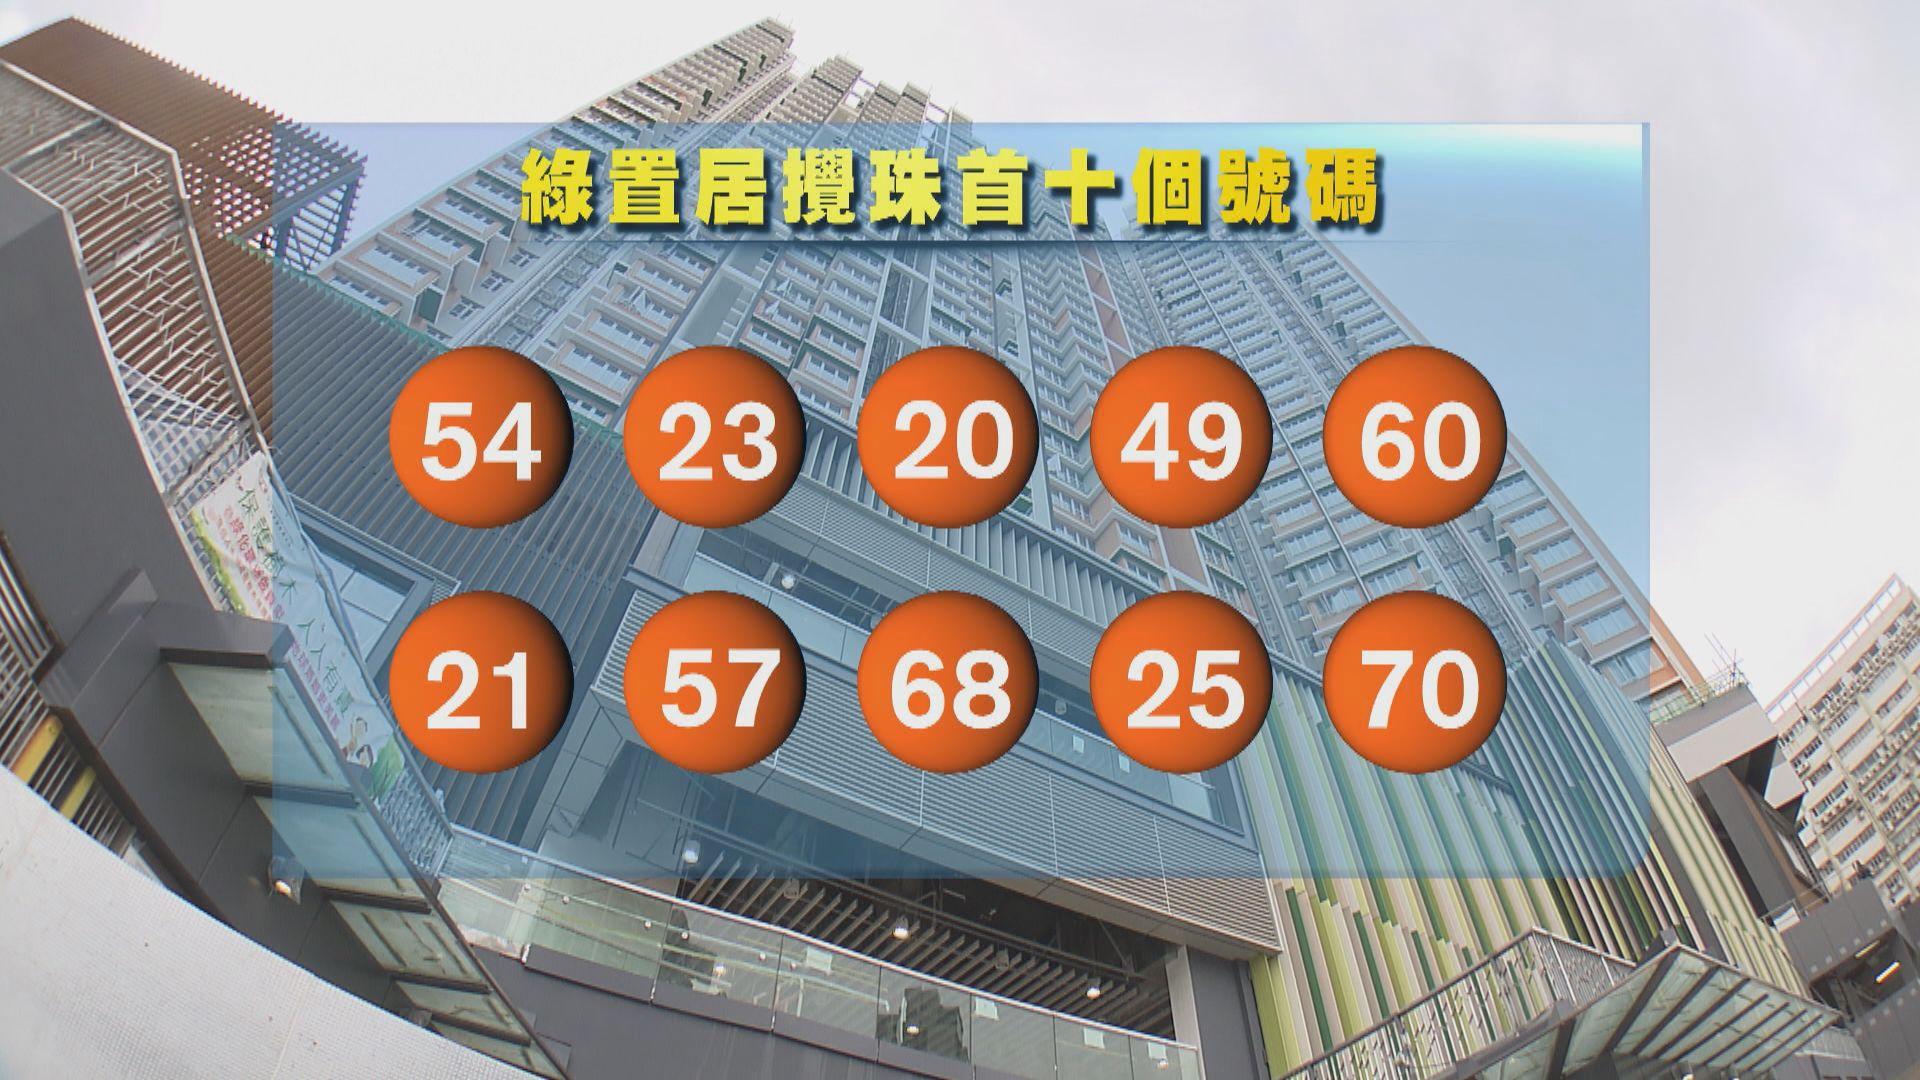 綠置居攪珠首五個號碼:54、23、20、49、60